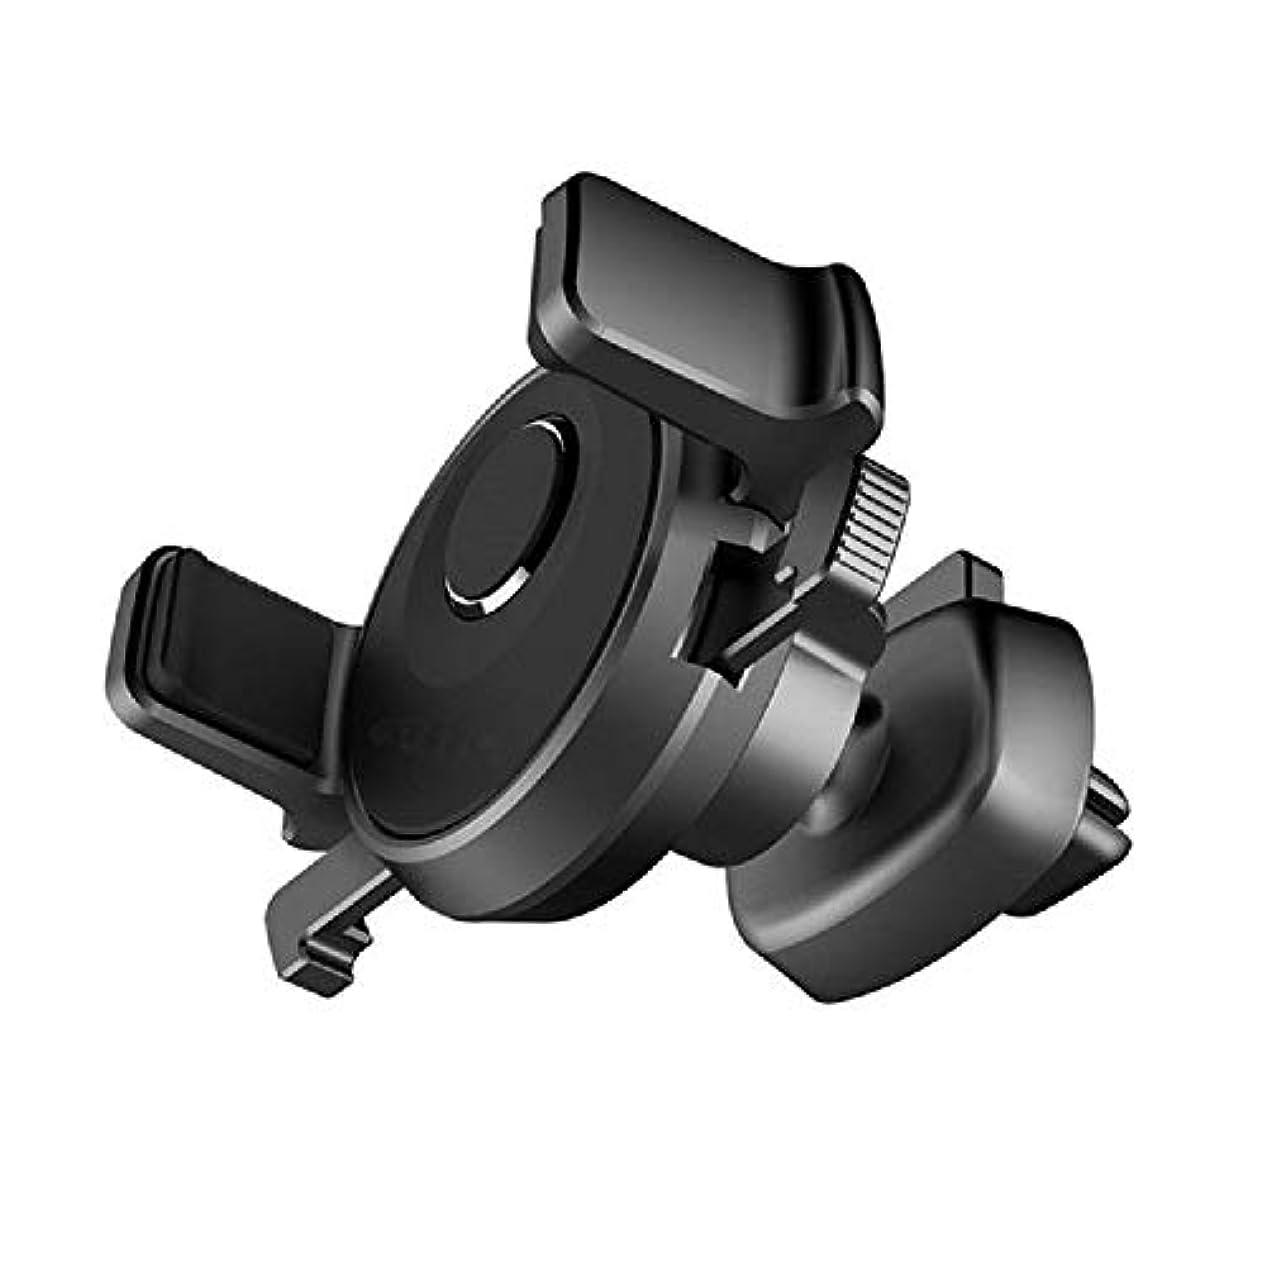 厚い傘やりがいのあるDFV mobile - のための自動クリップが付いている回転車の空気出口の電話ホールダーの立場の台紙 => PRESTIGIO MULTIPHONE 5400 DUO > 黒